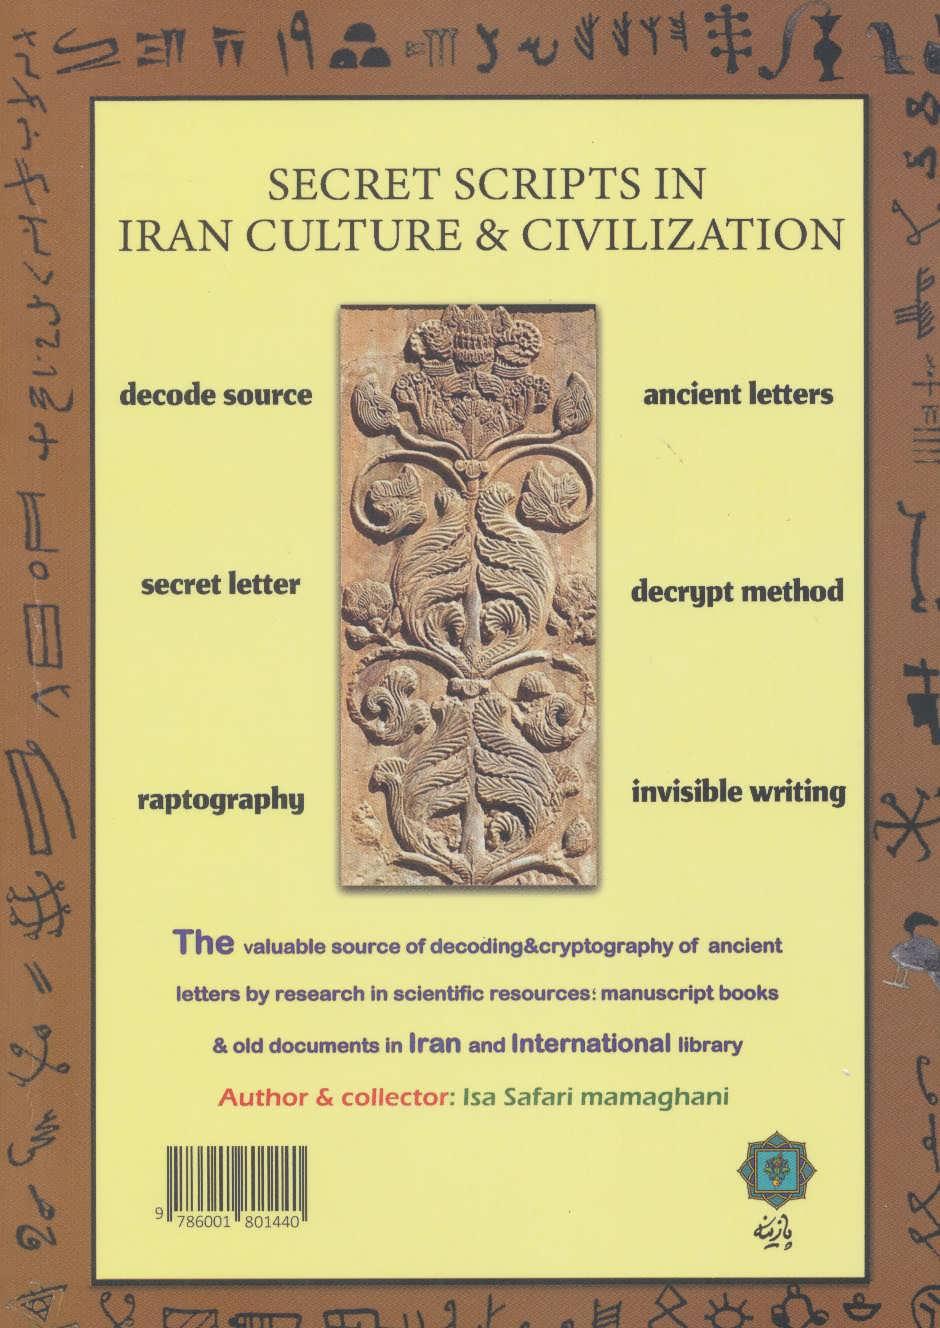 حروف رمزی در فرهنگ و تمدن ایران